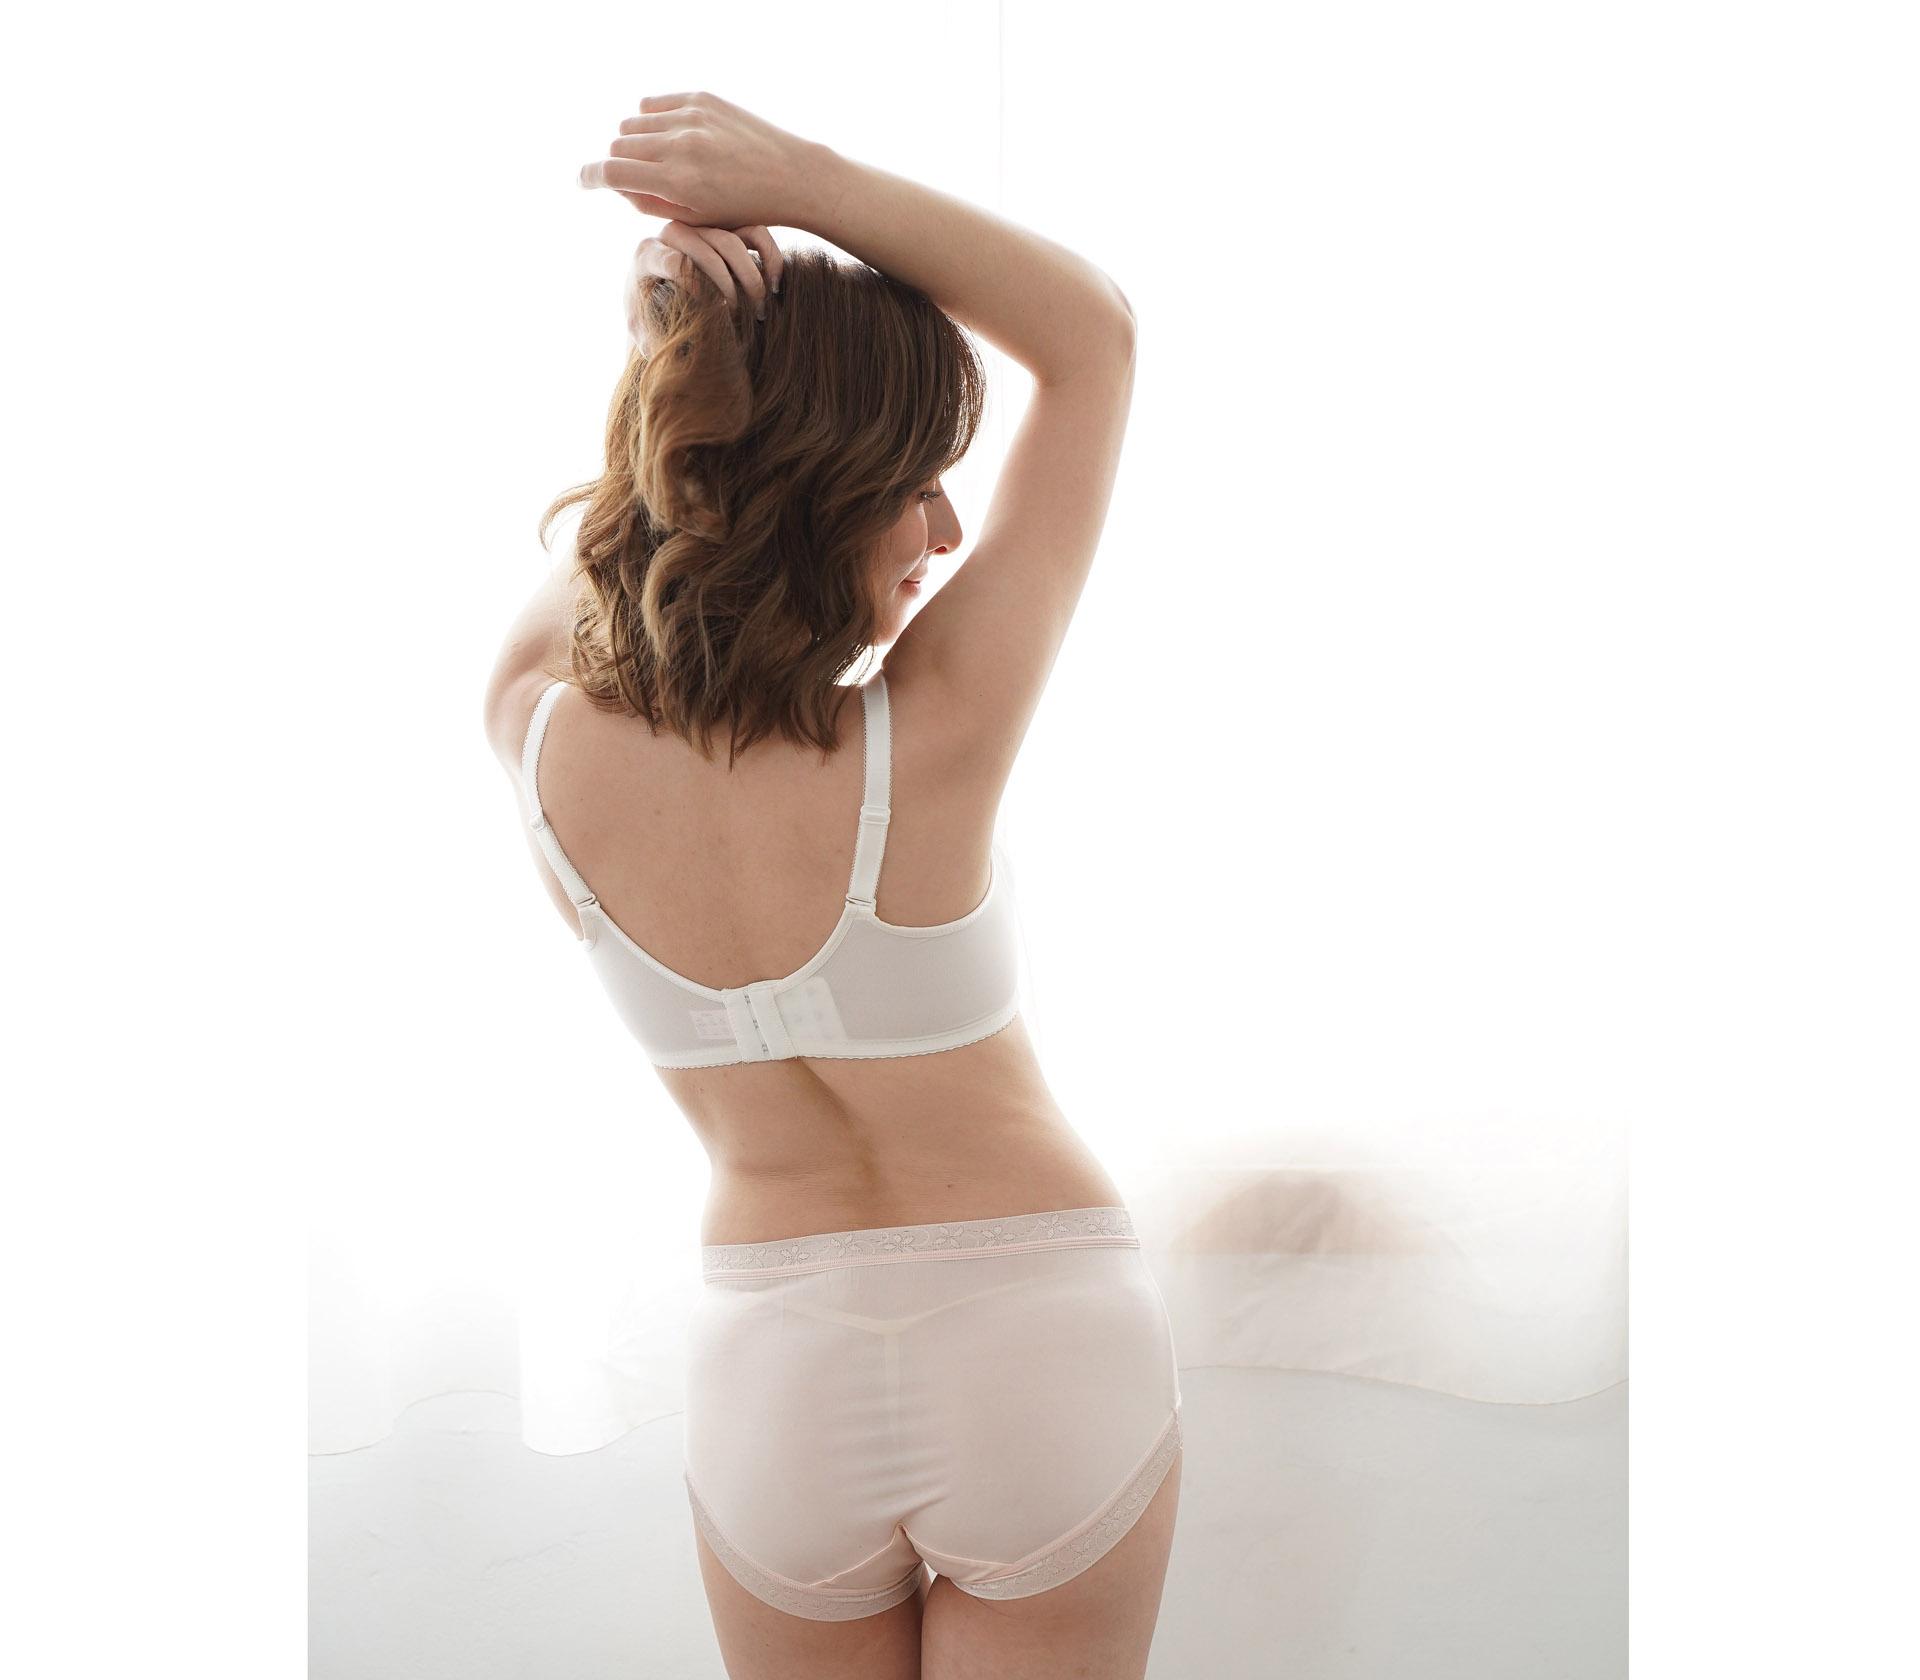 闕蘭絹32針超涼春蠶100%蠶絲內褲-88112-2(淺粉)